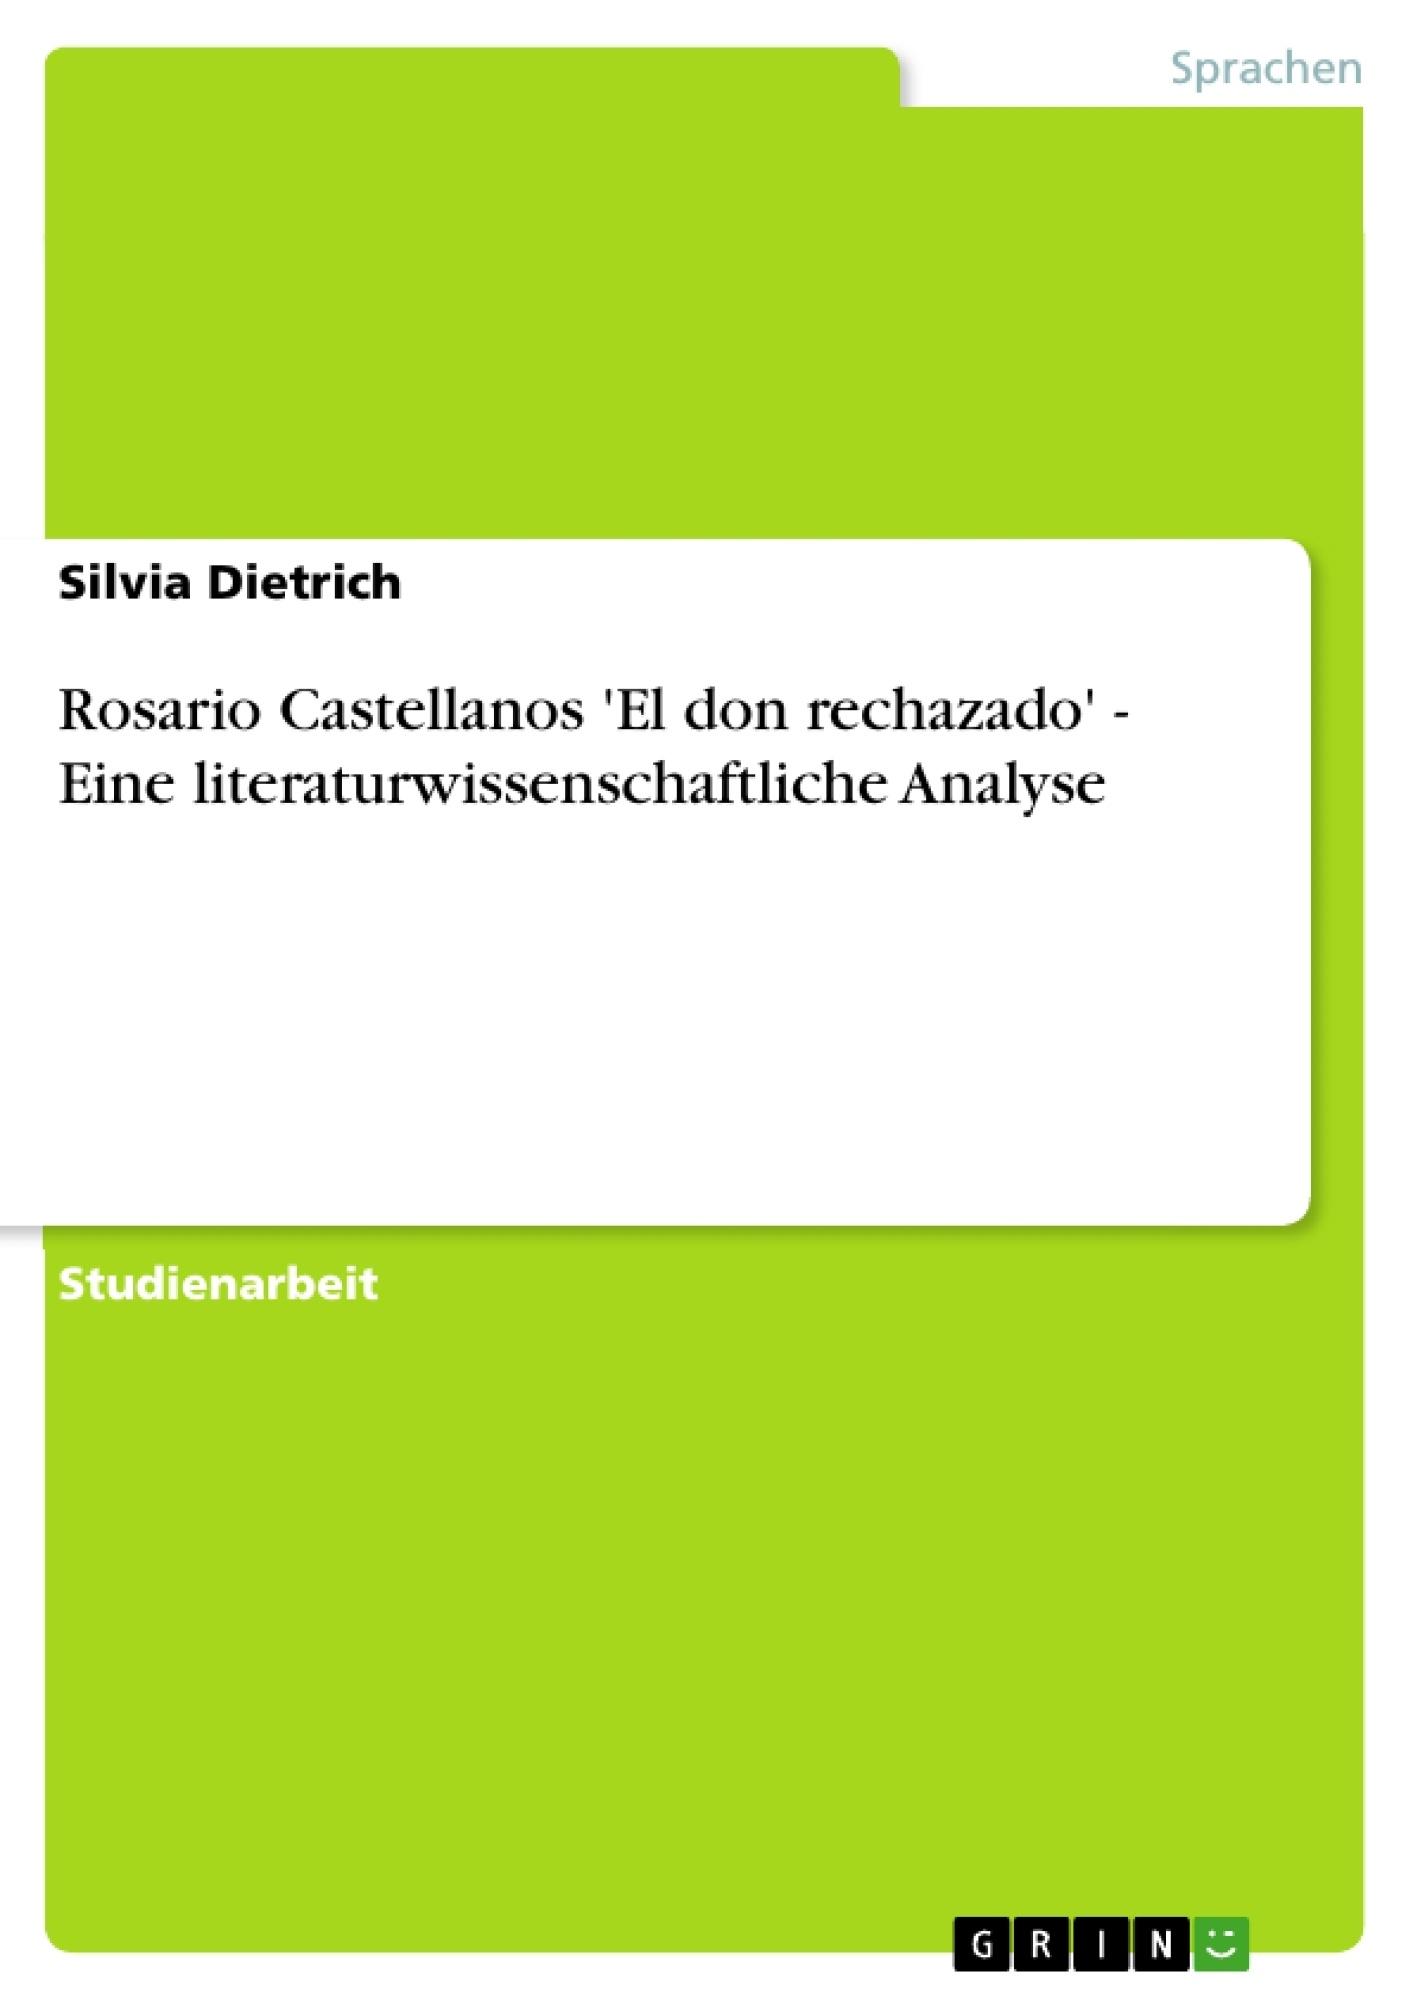 Titel: Rosario Castellanos 'El don rechazado' - Eine literaturwissenschaftliche Analyse